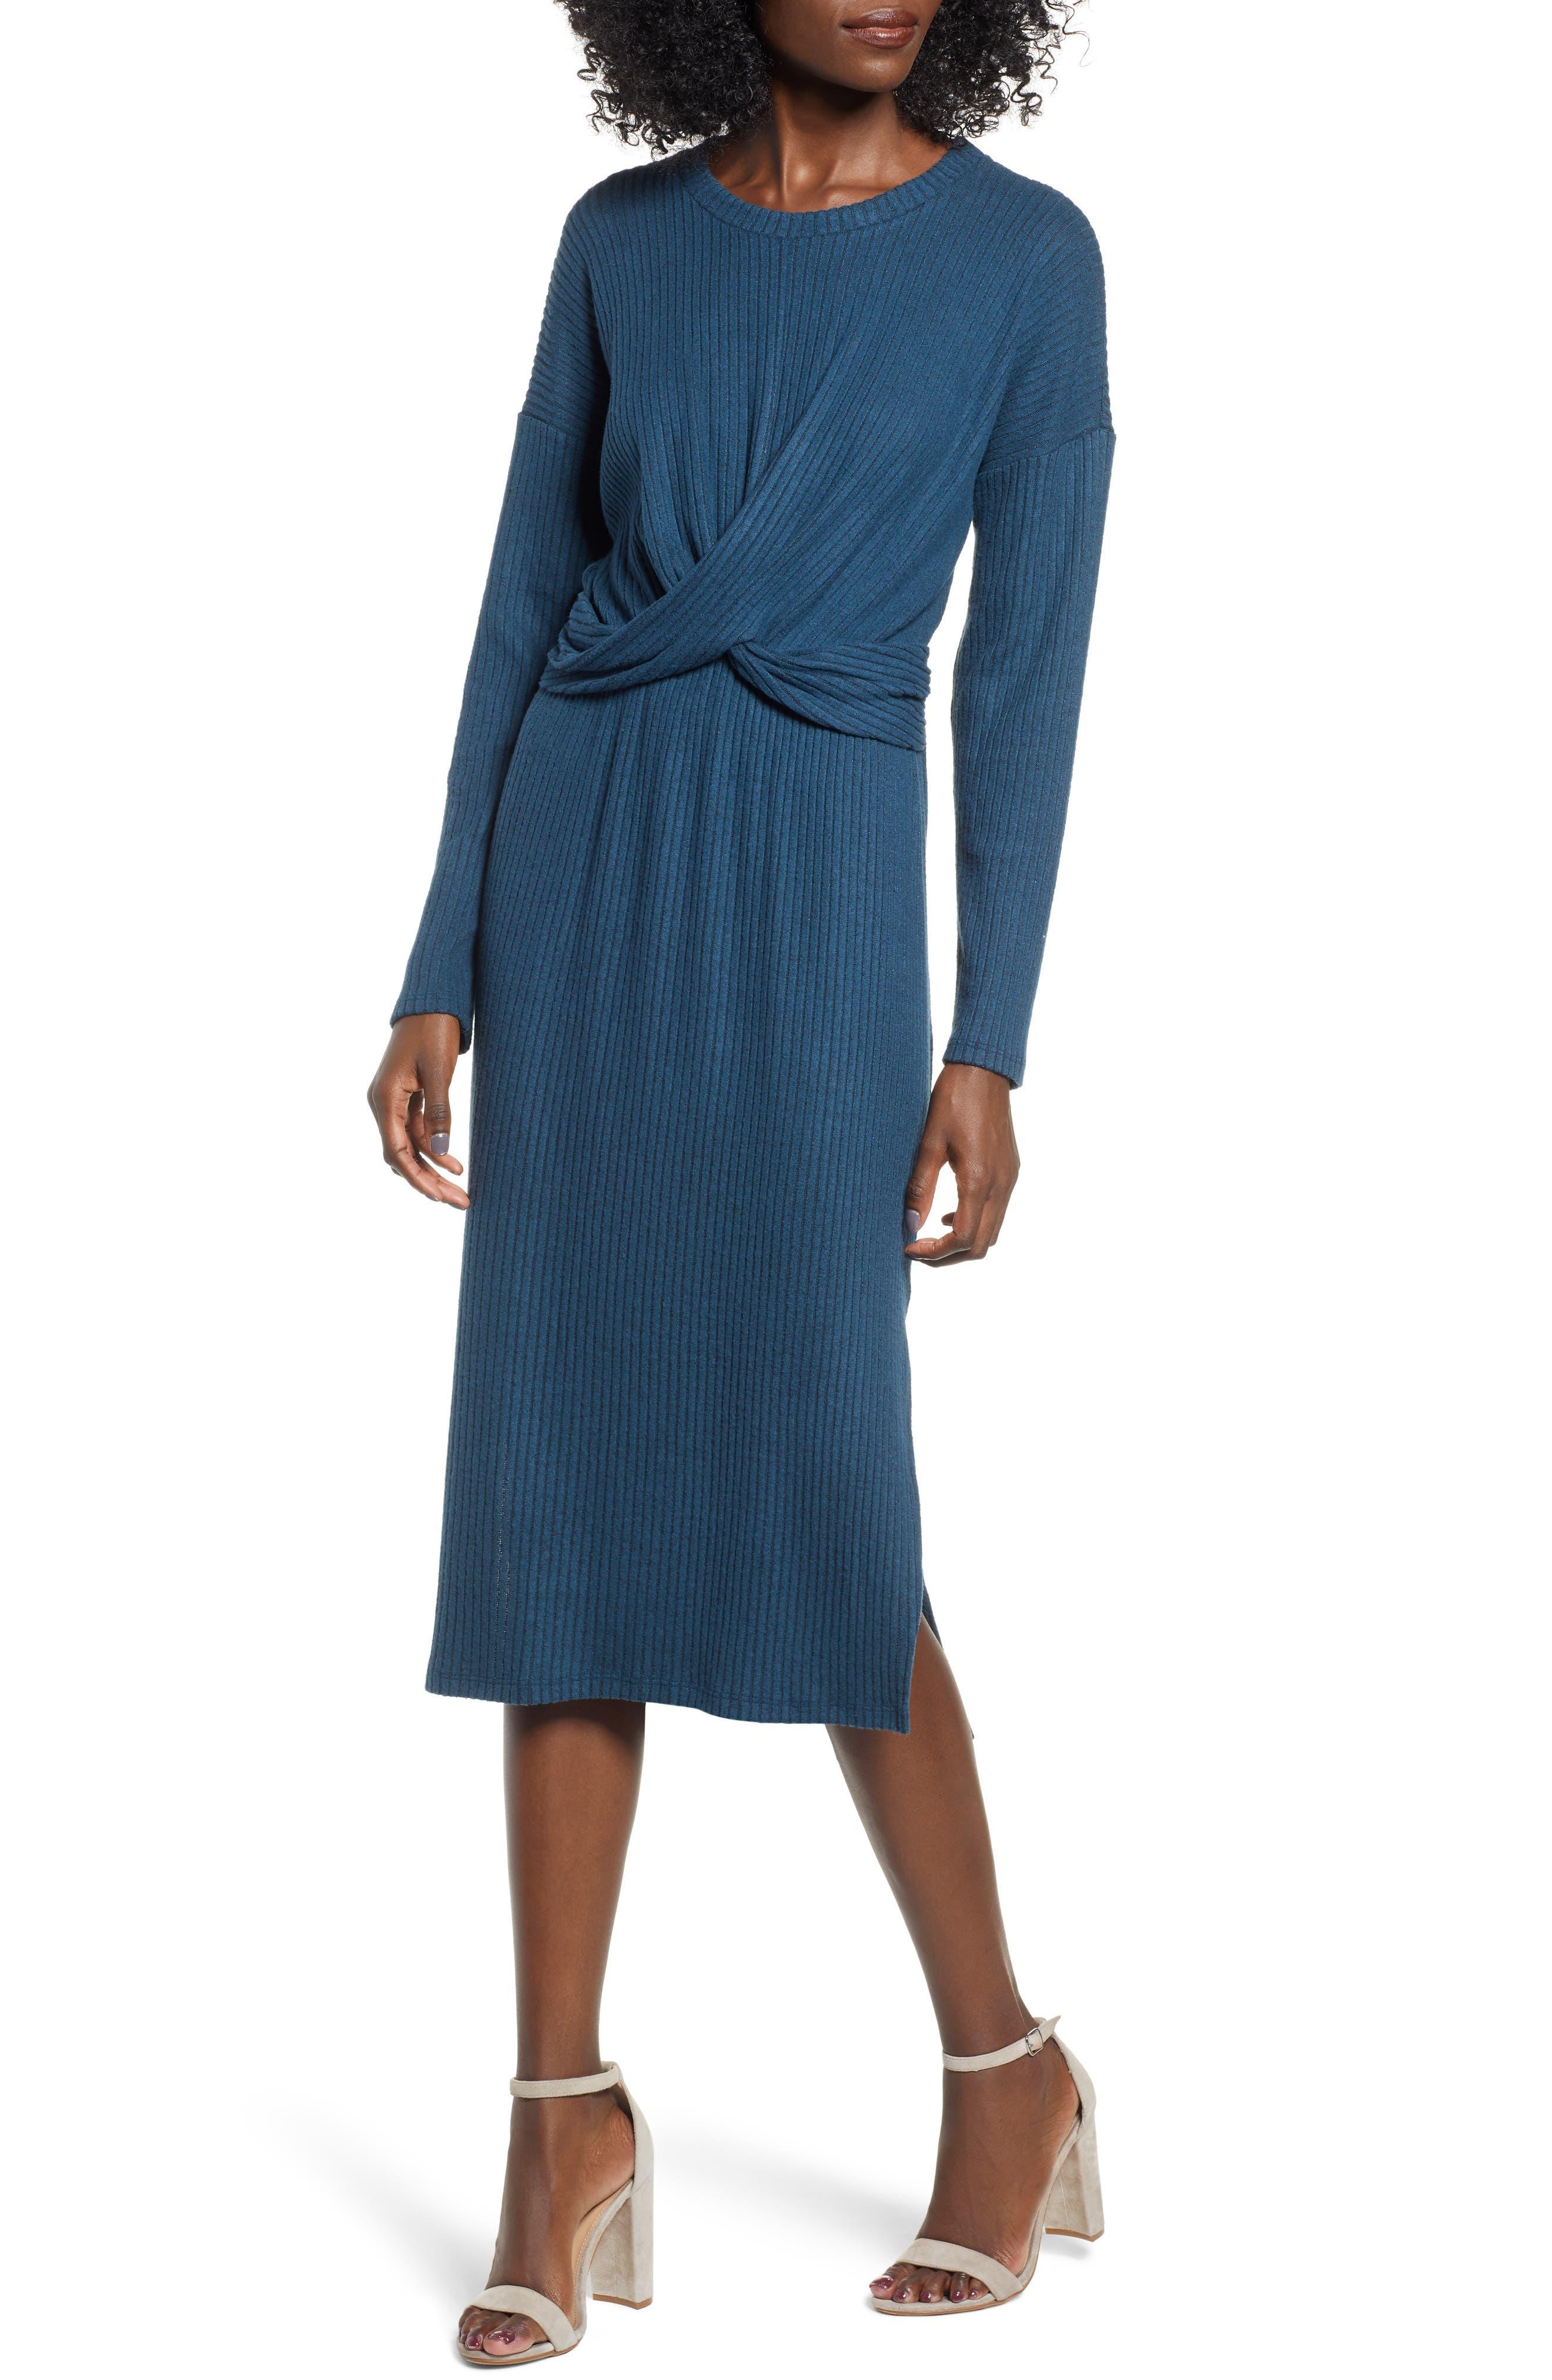 ALL IN FAVOR Rib Knit Midi Dress, Main, color, MIDNIGHT NAVY